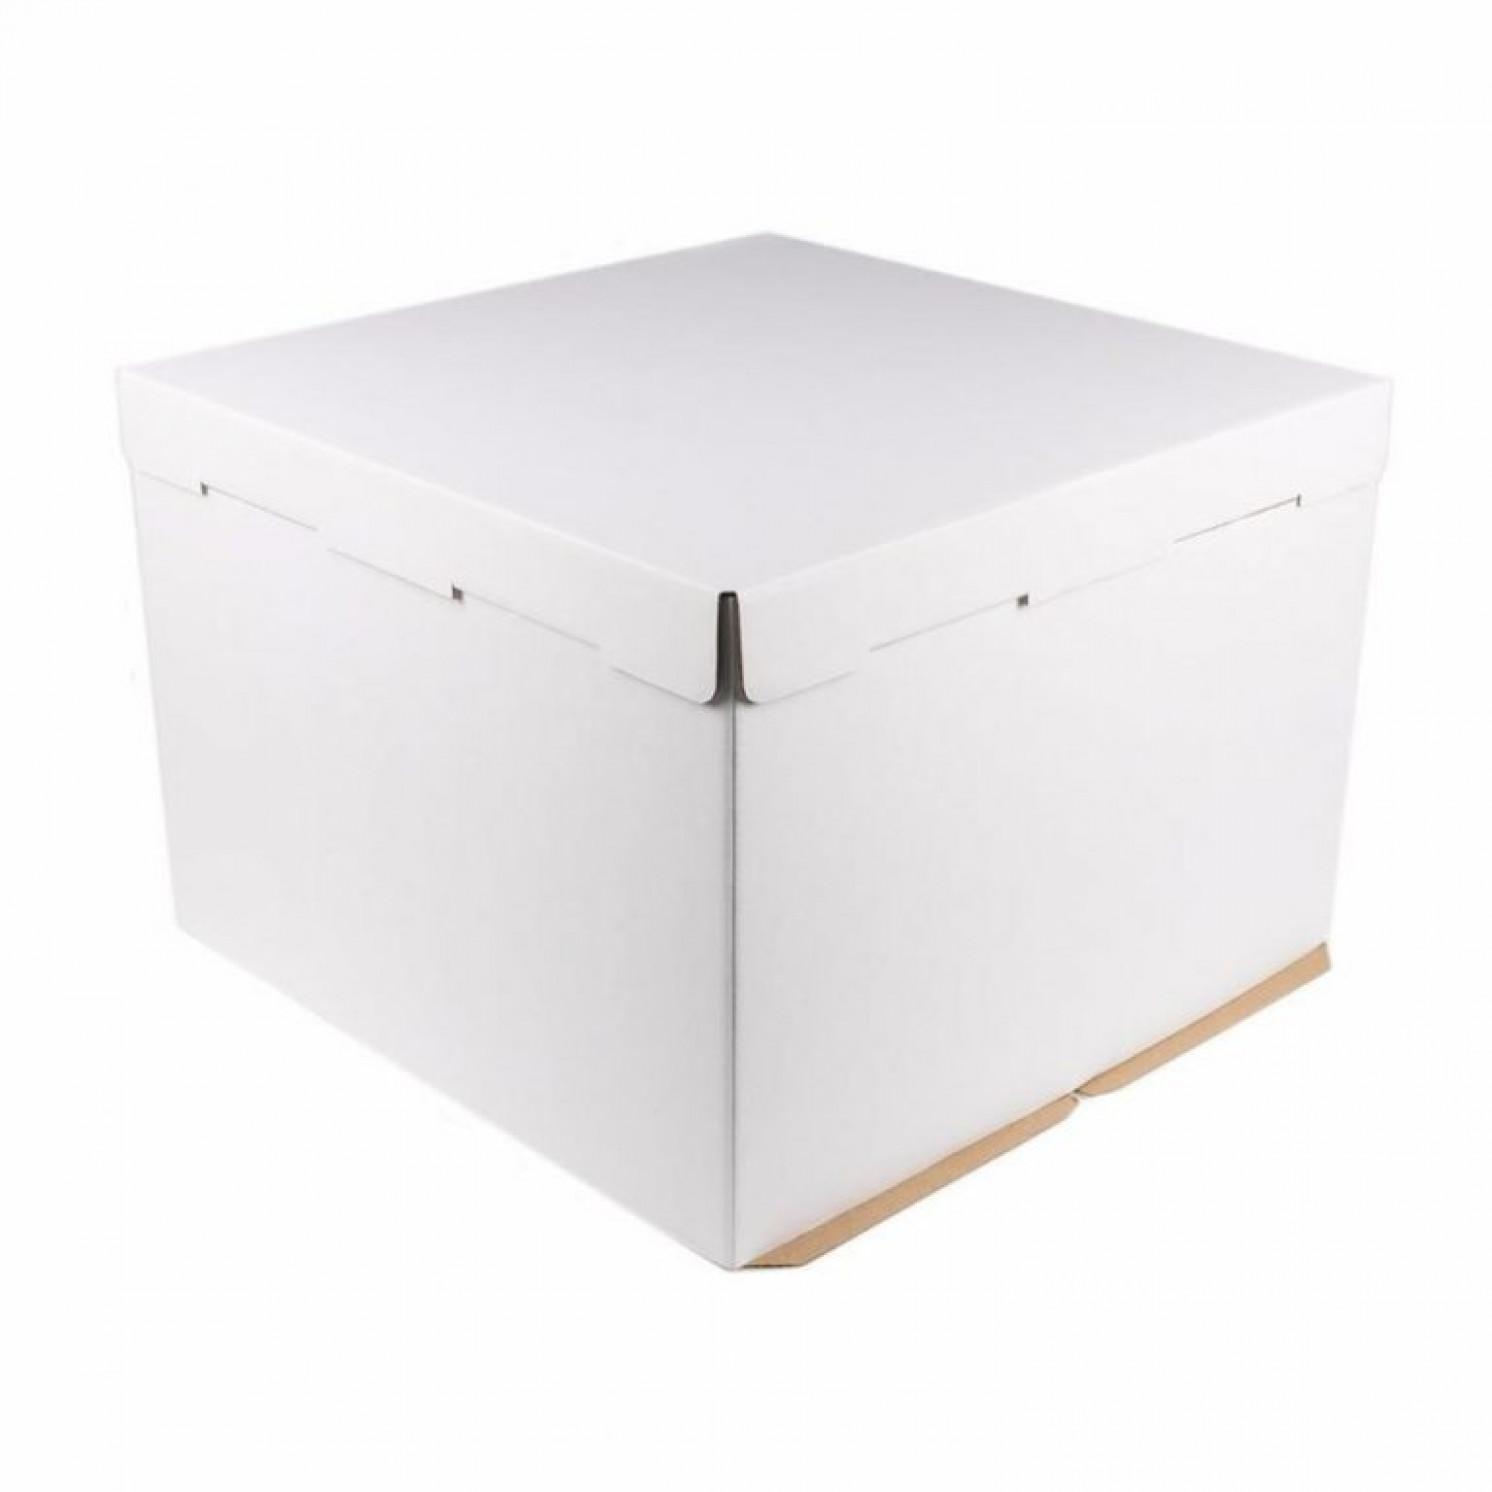 Короб картонный белый 360х360х260 мм, усиленный (гофра)